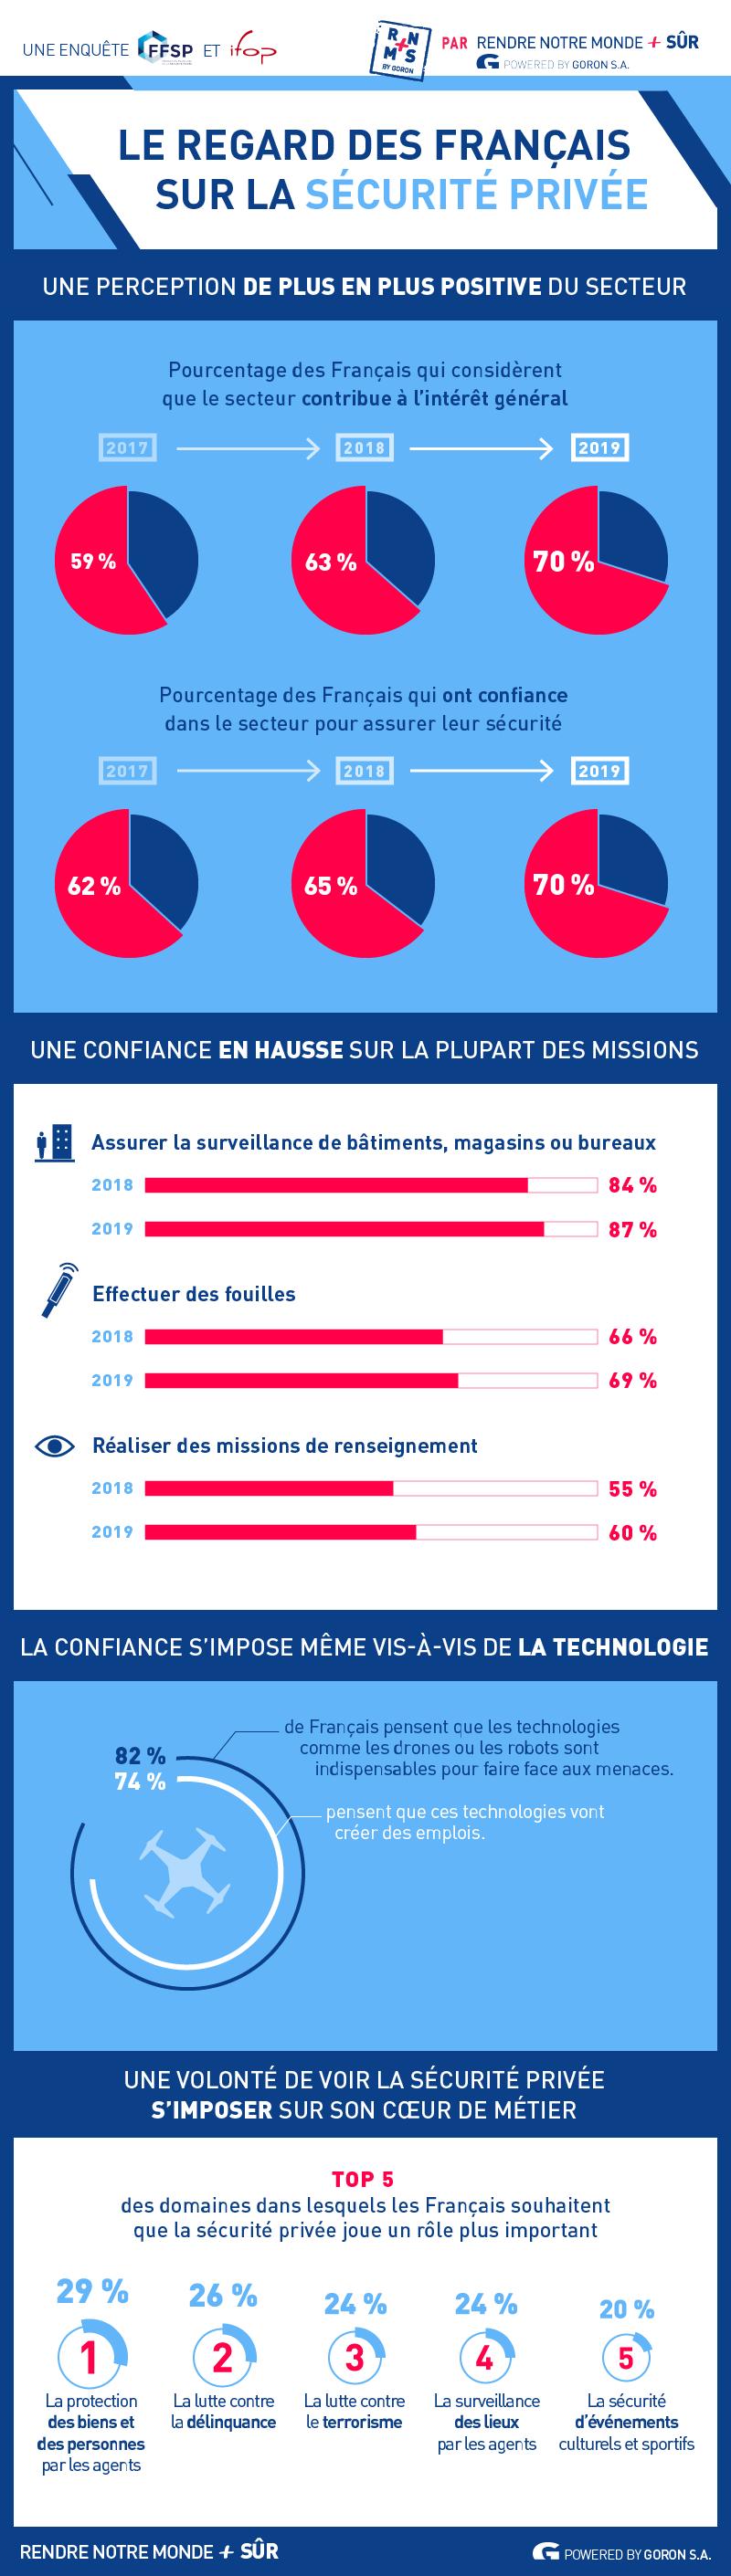 infographie décrivant le regard des français sur le secteur de la sécurité privée